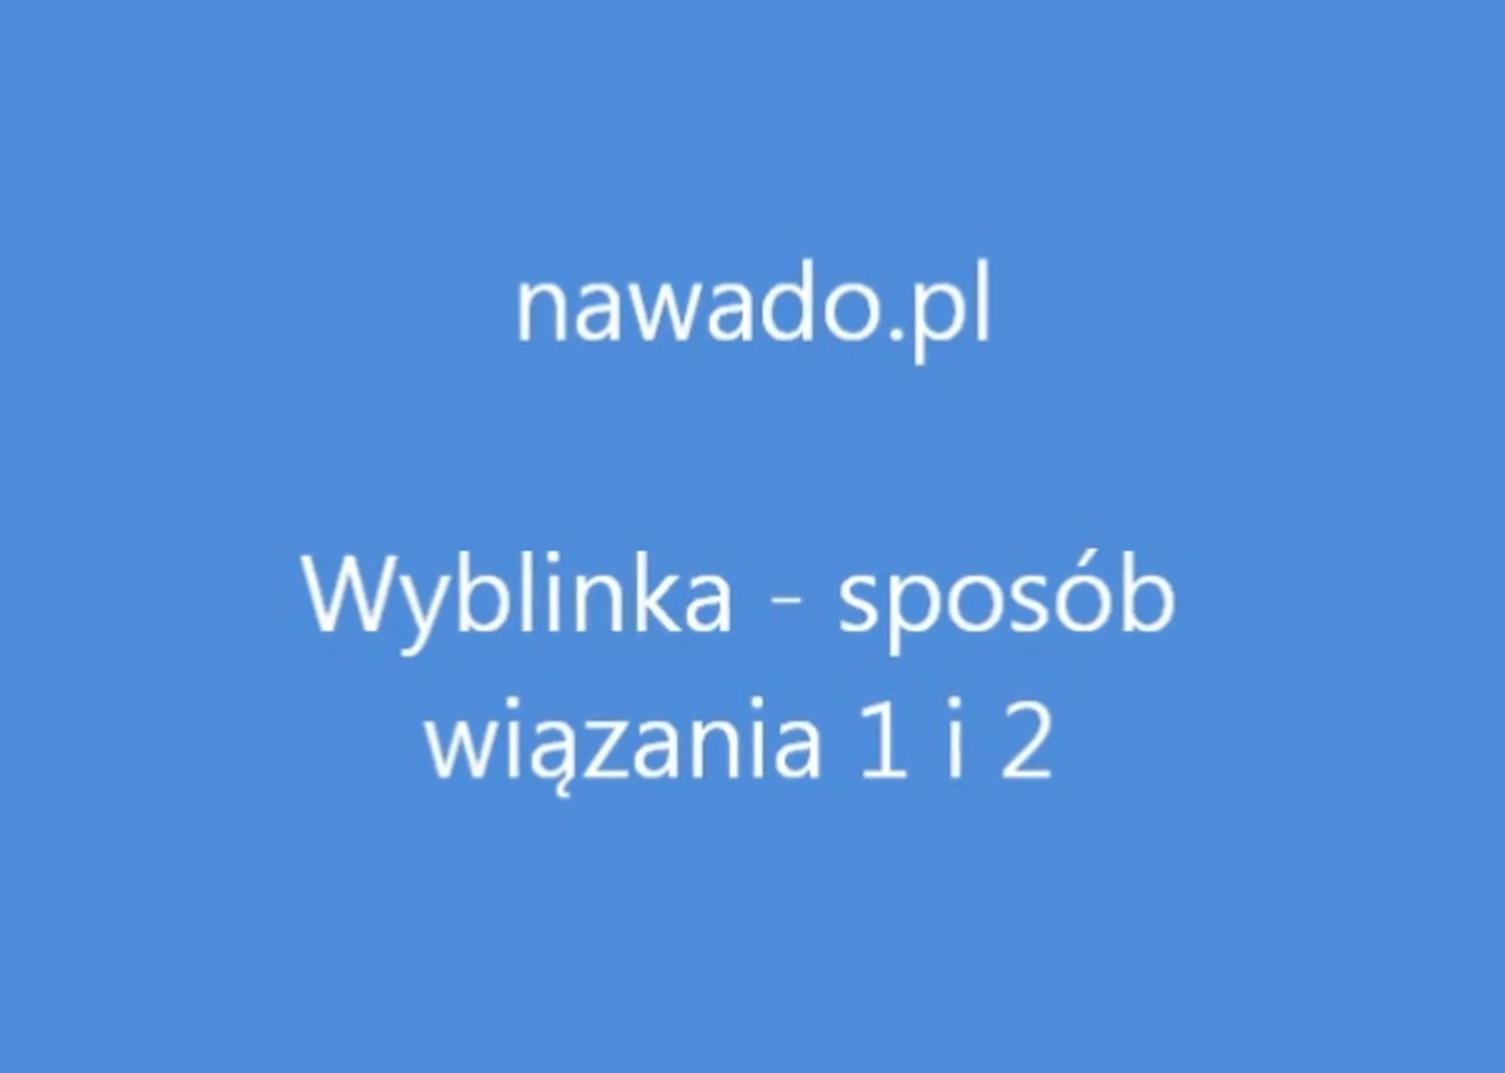 wyblinka1